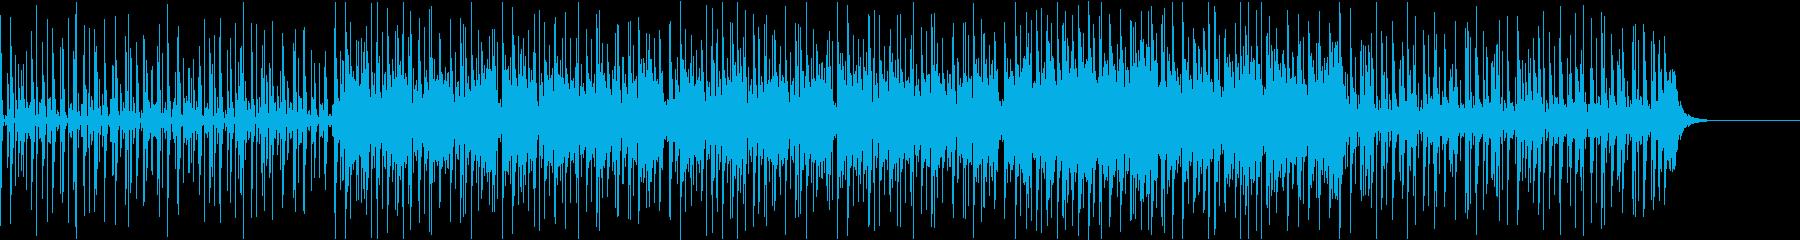 ハイパーほのぼのノンビリしてるマリンバ曲の再生済みの波形